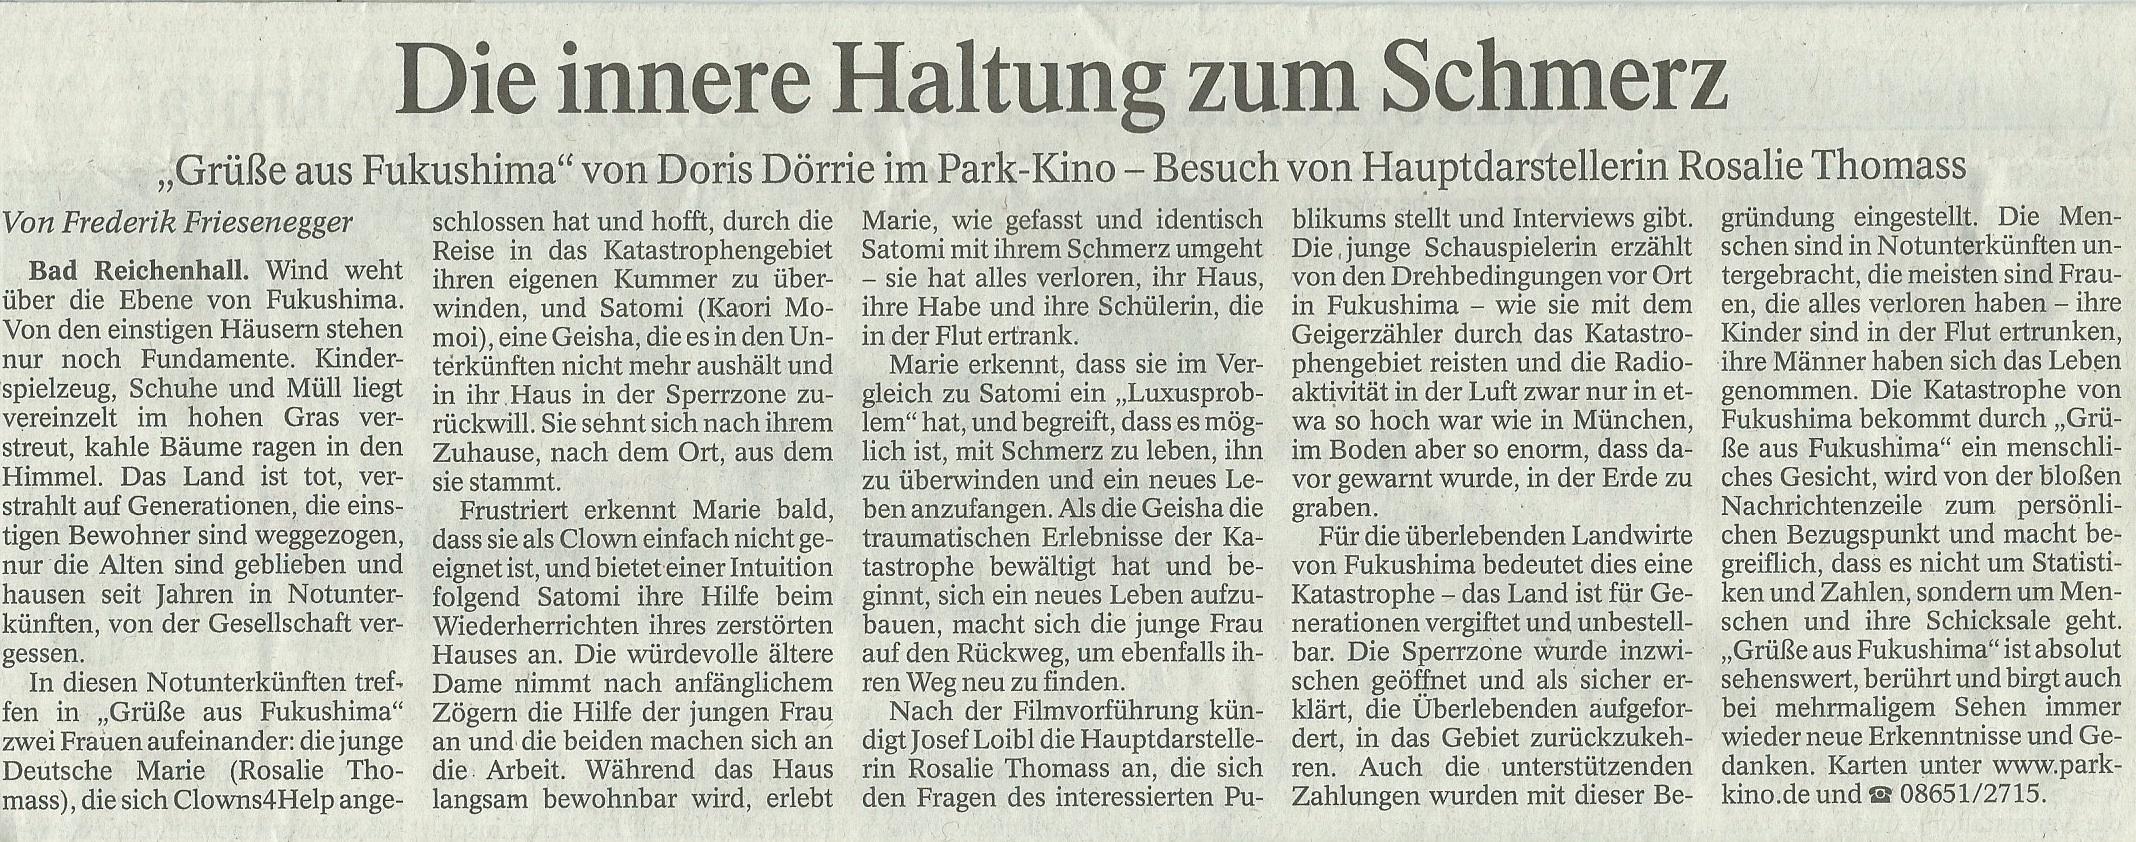 Erschienen am 18.03.16 im Reichenhaller Tagblatt